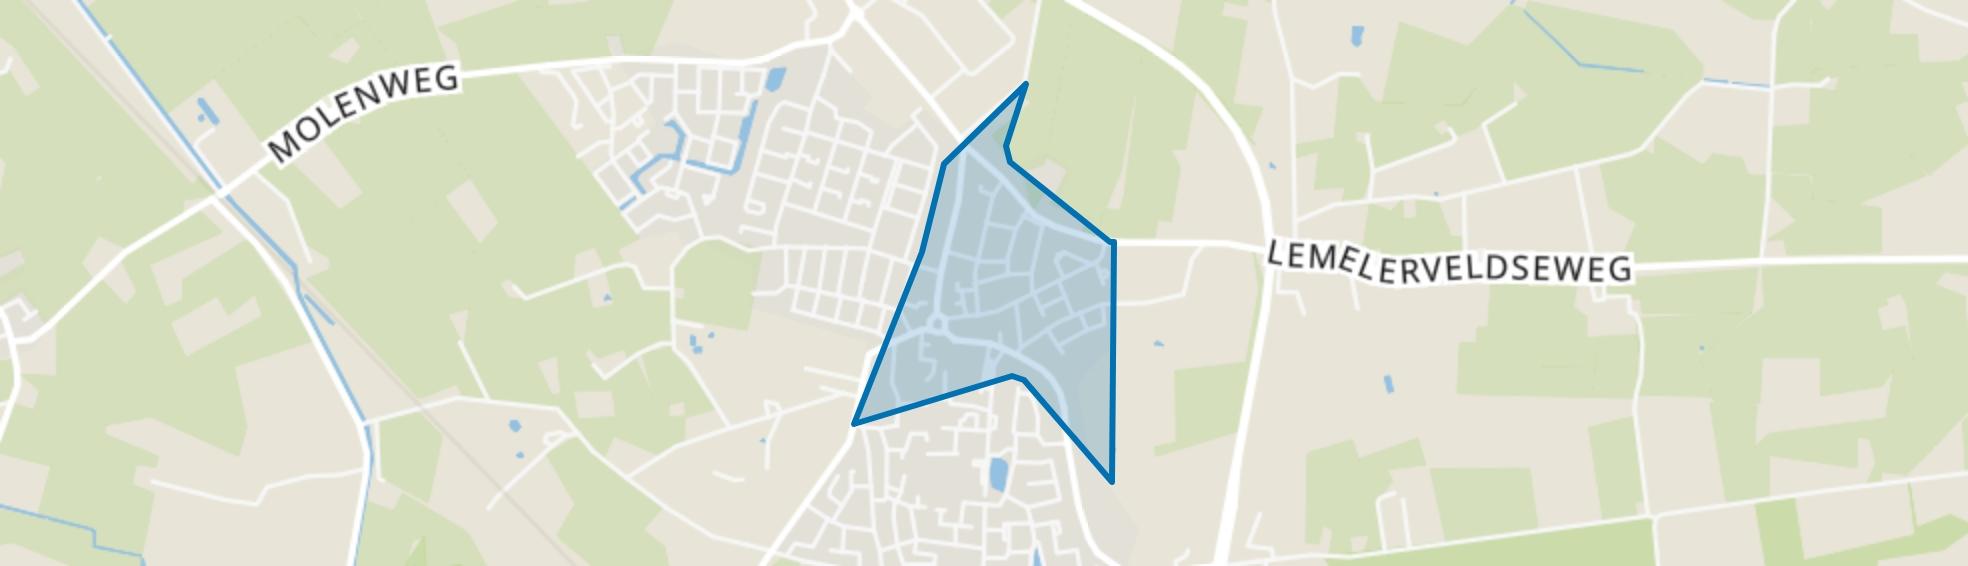 Heino Centrum, Heino map